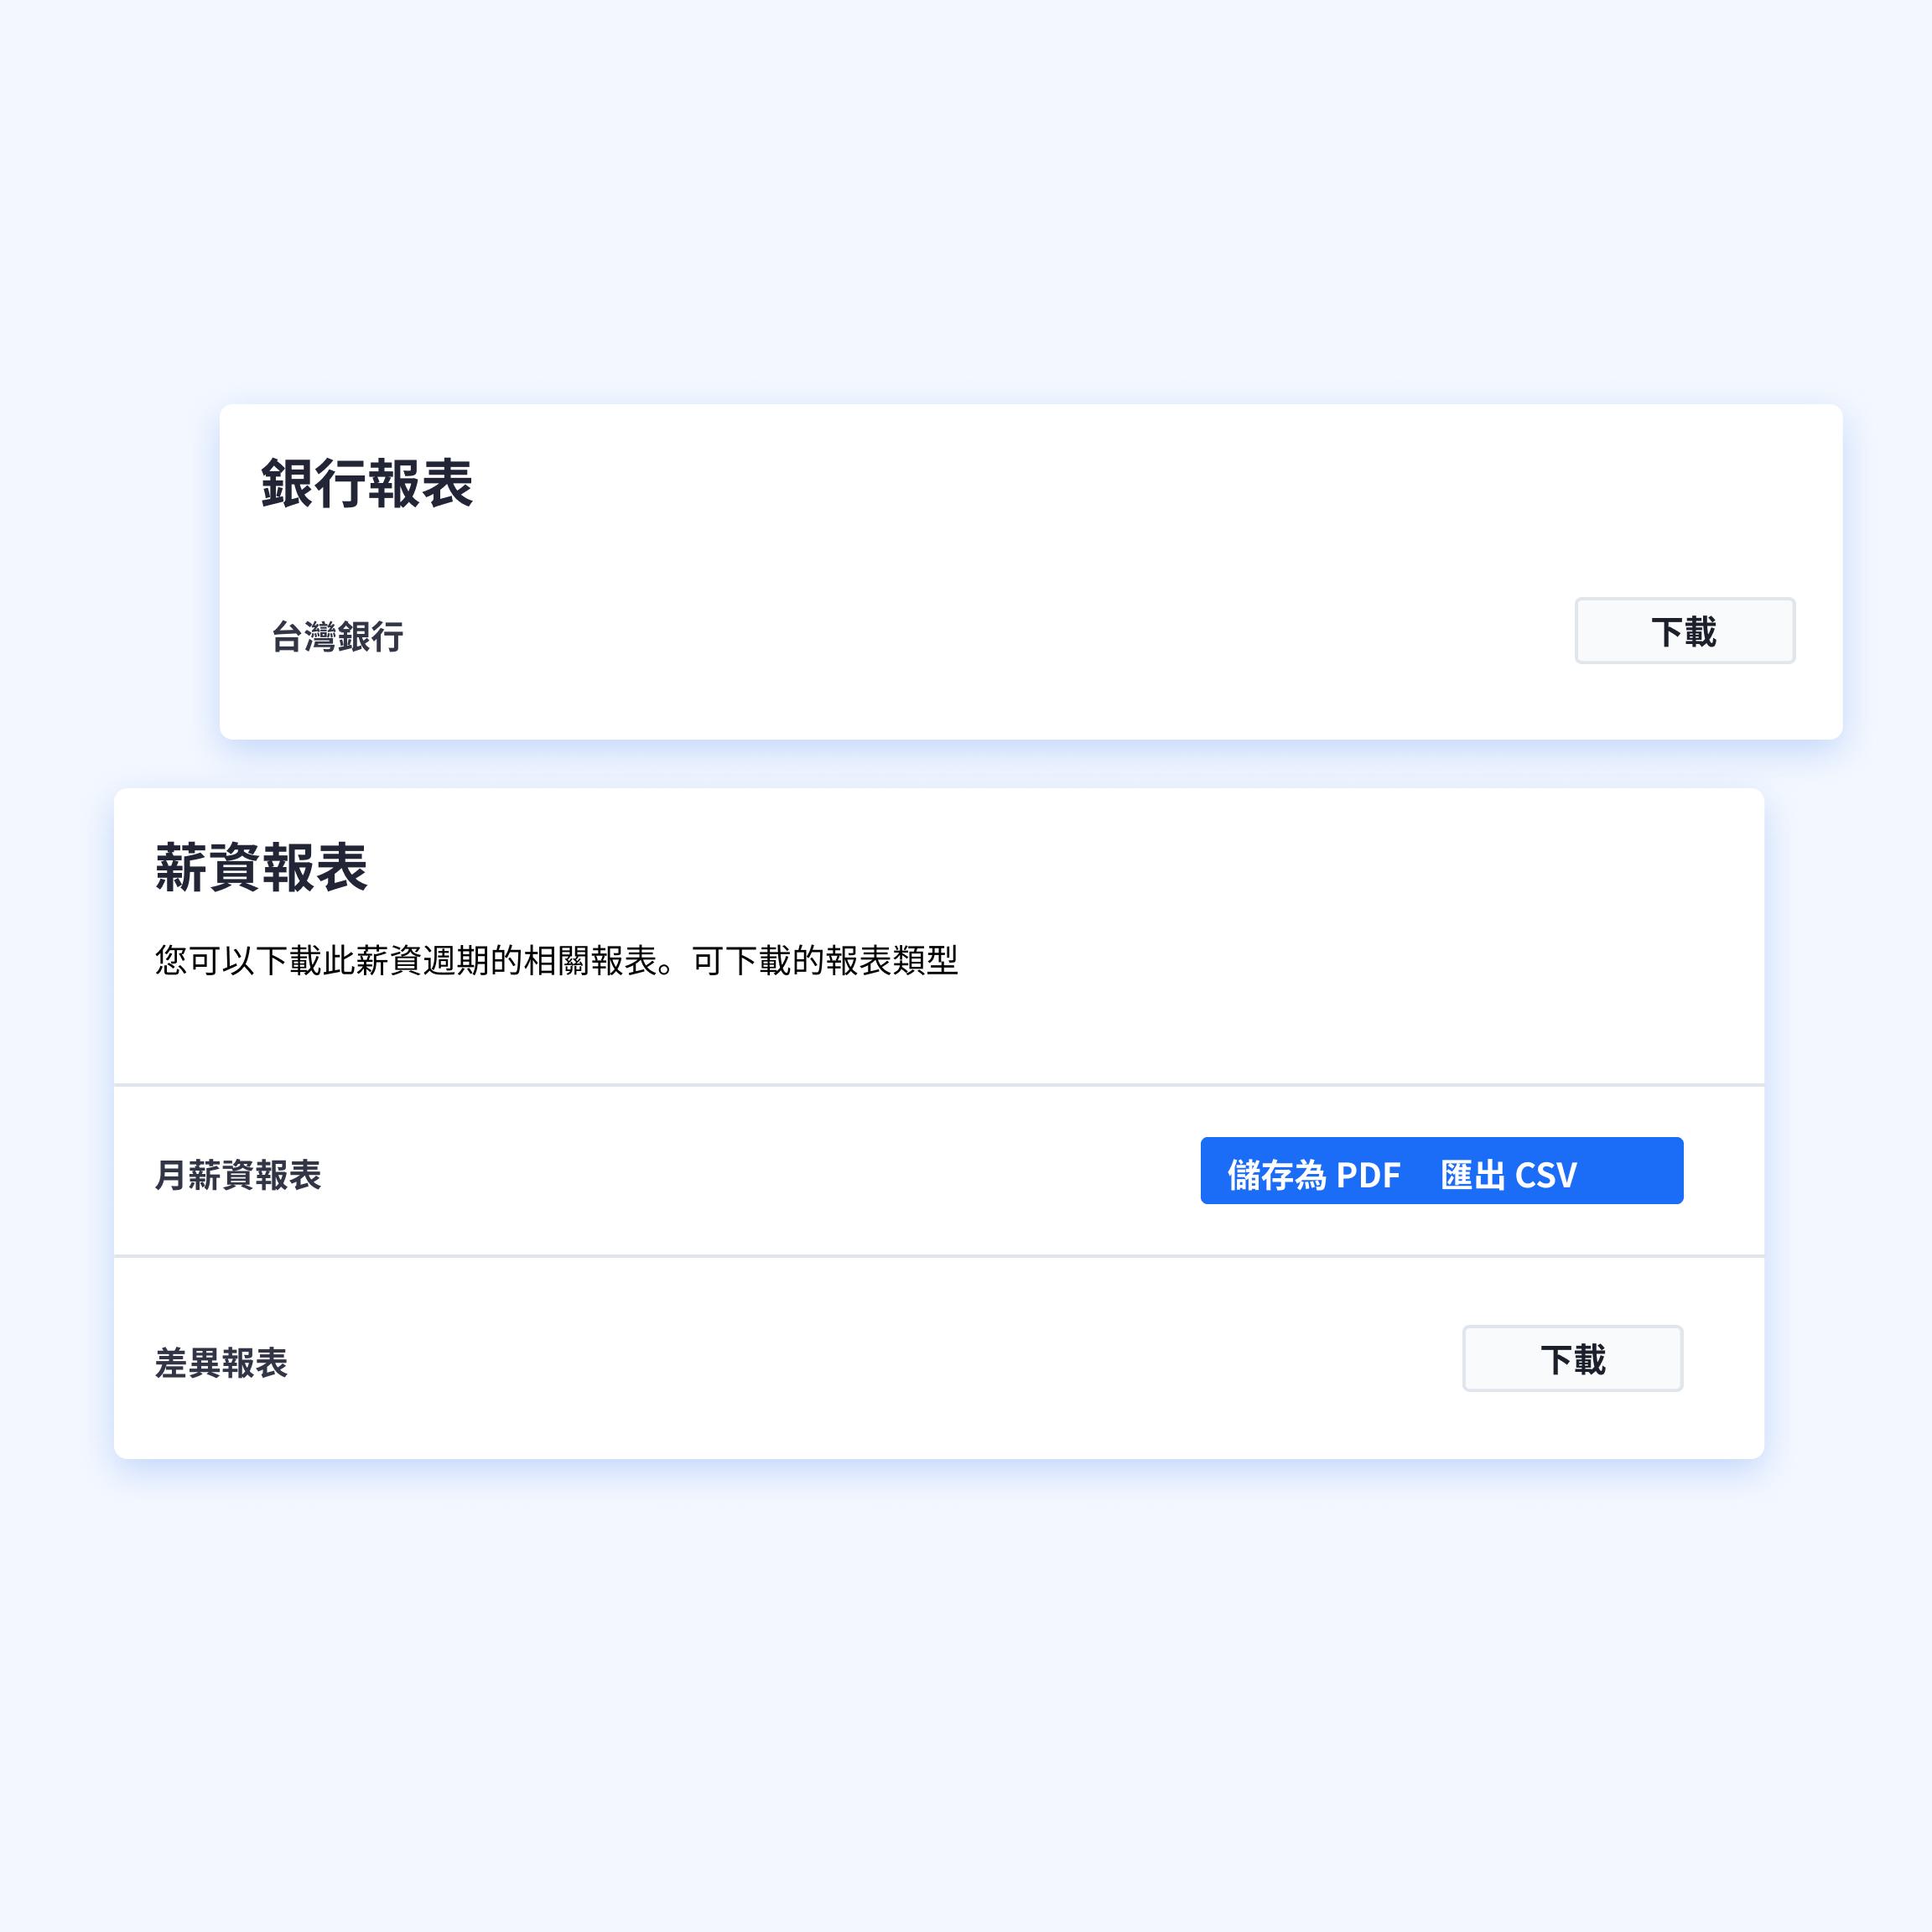 Swingvy雲端人資系統的薪資計算就是快、狠、準,更重要的是,還完全符合台灣勞基法!